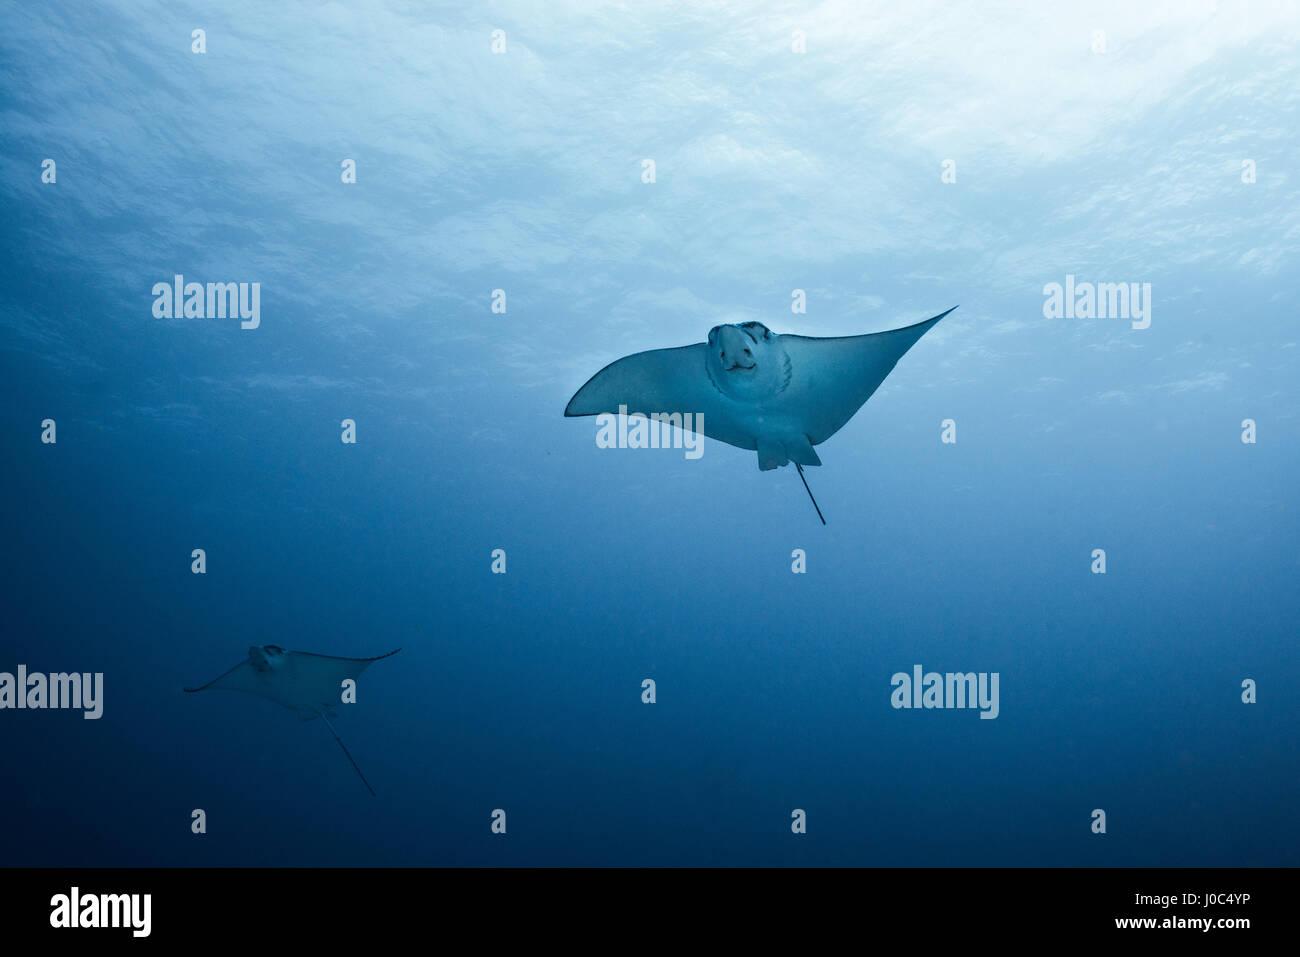 Paire de raies aigle (aetobatus narinari) piscine, vue sous-marine, Cancun, Mexique Photo Stock